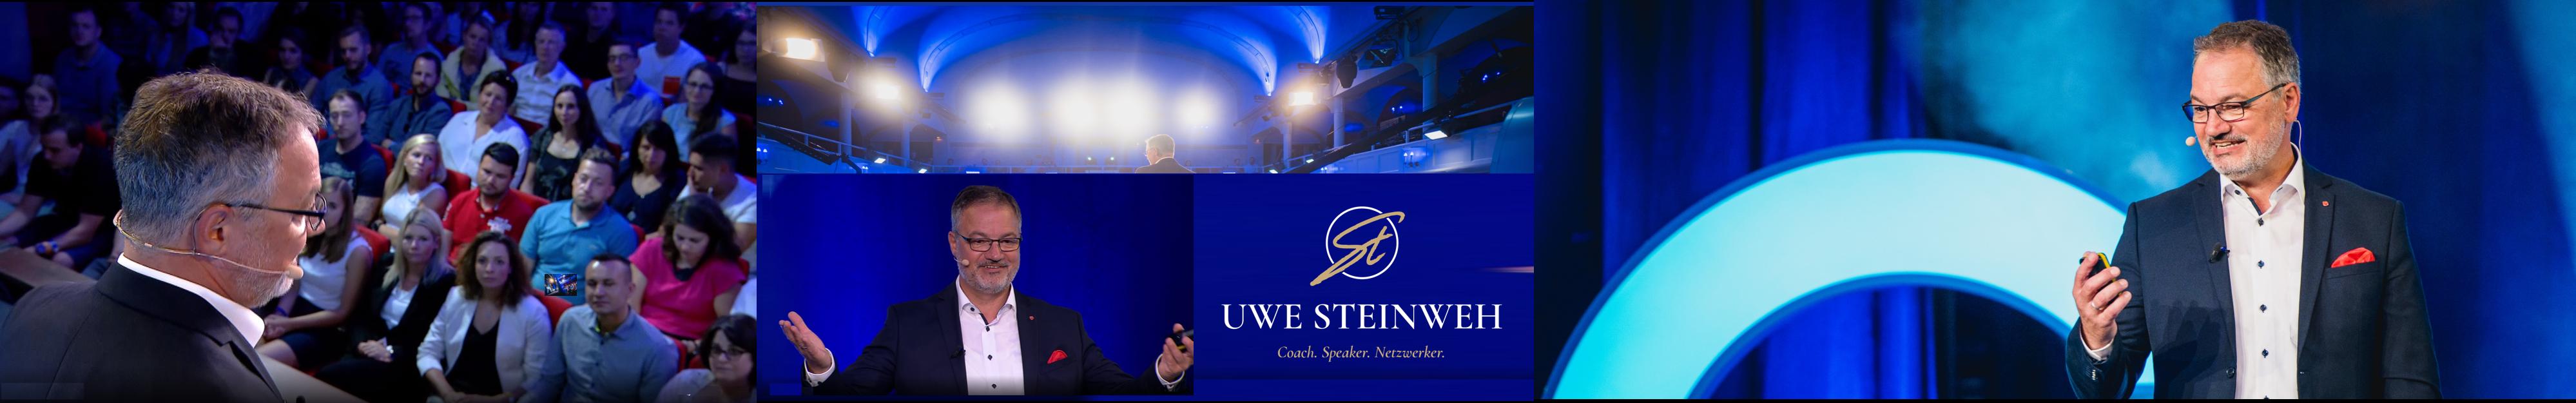 Expert Marketplace -  Uwe Steinweh